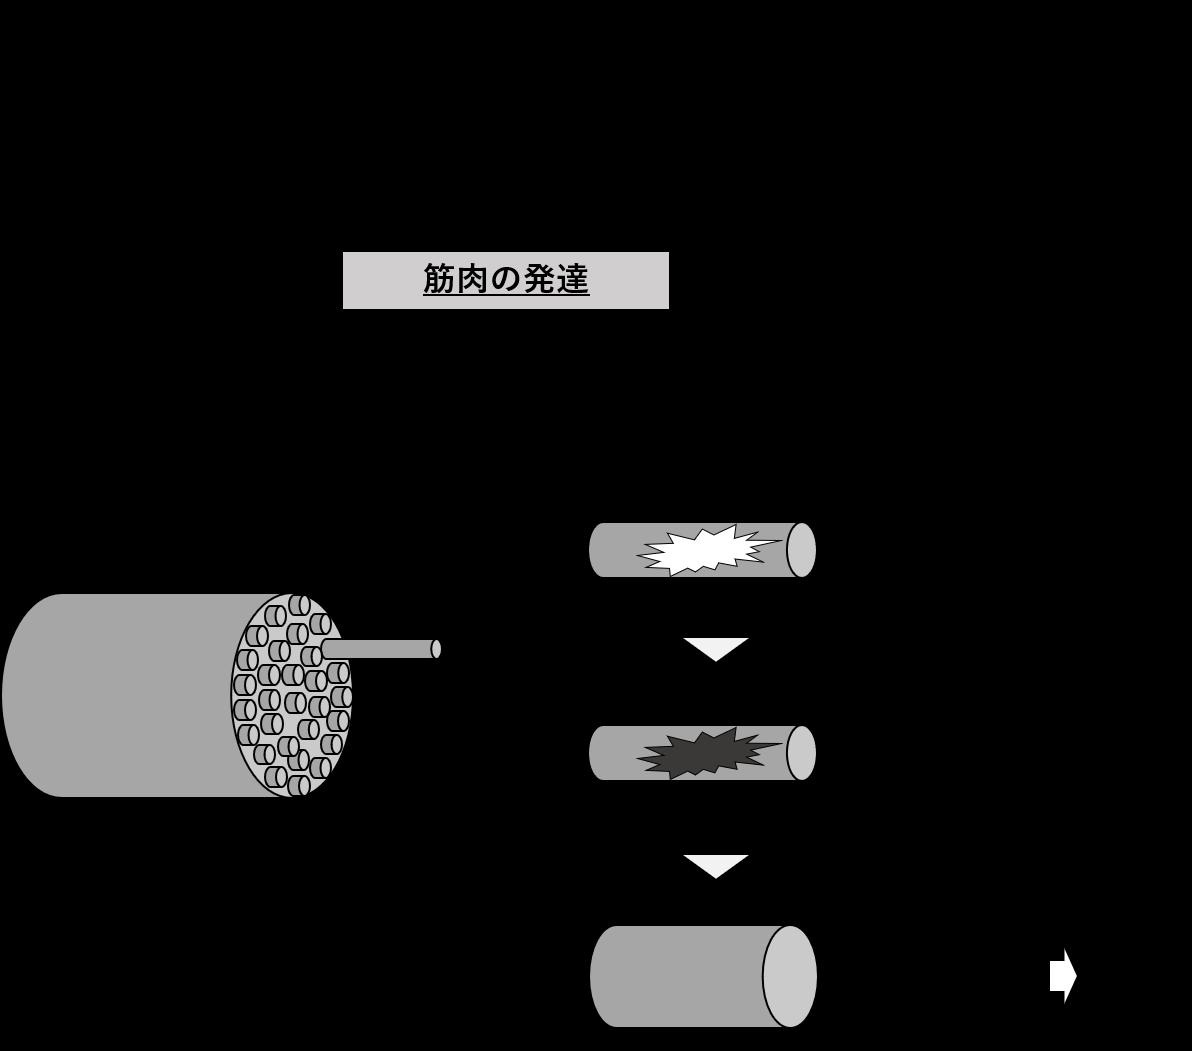 図1. 筋肉発達のしくみ